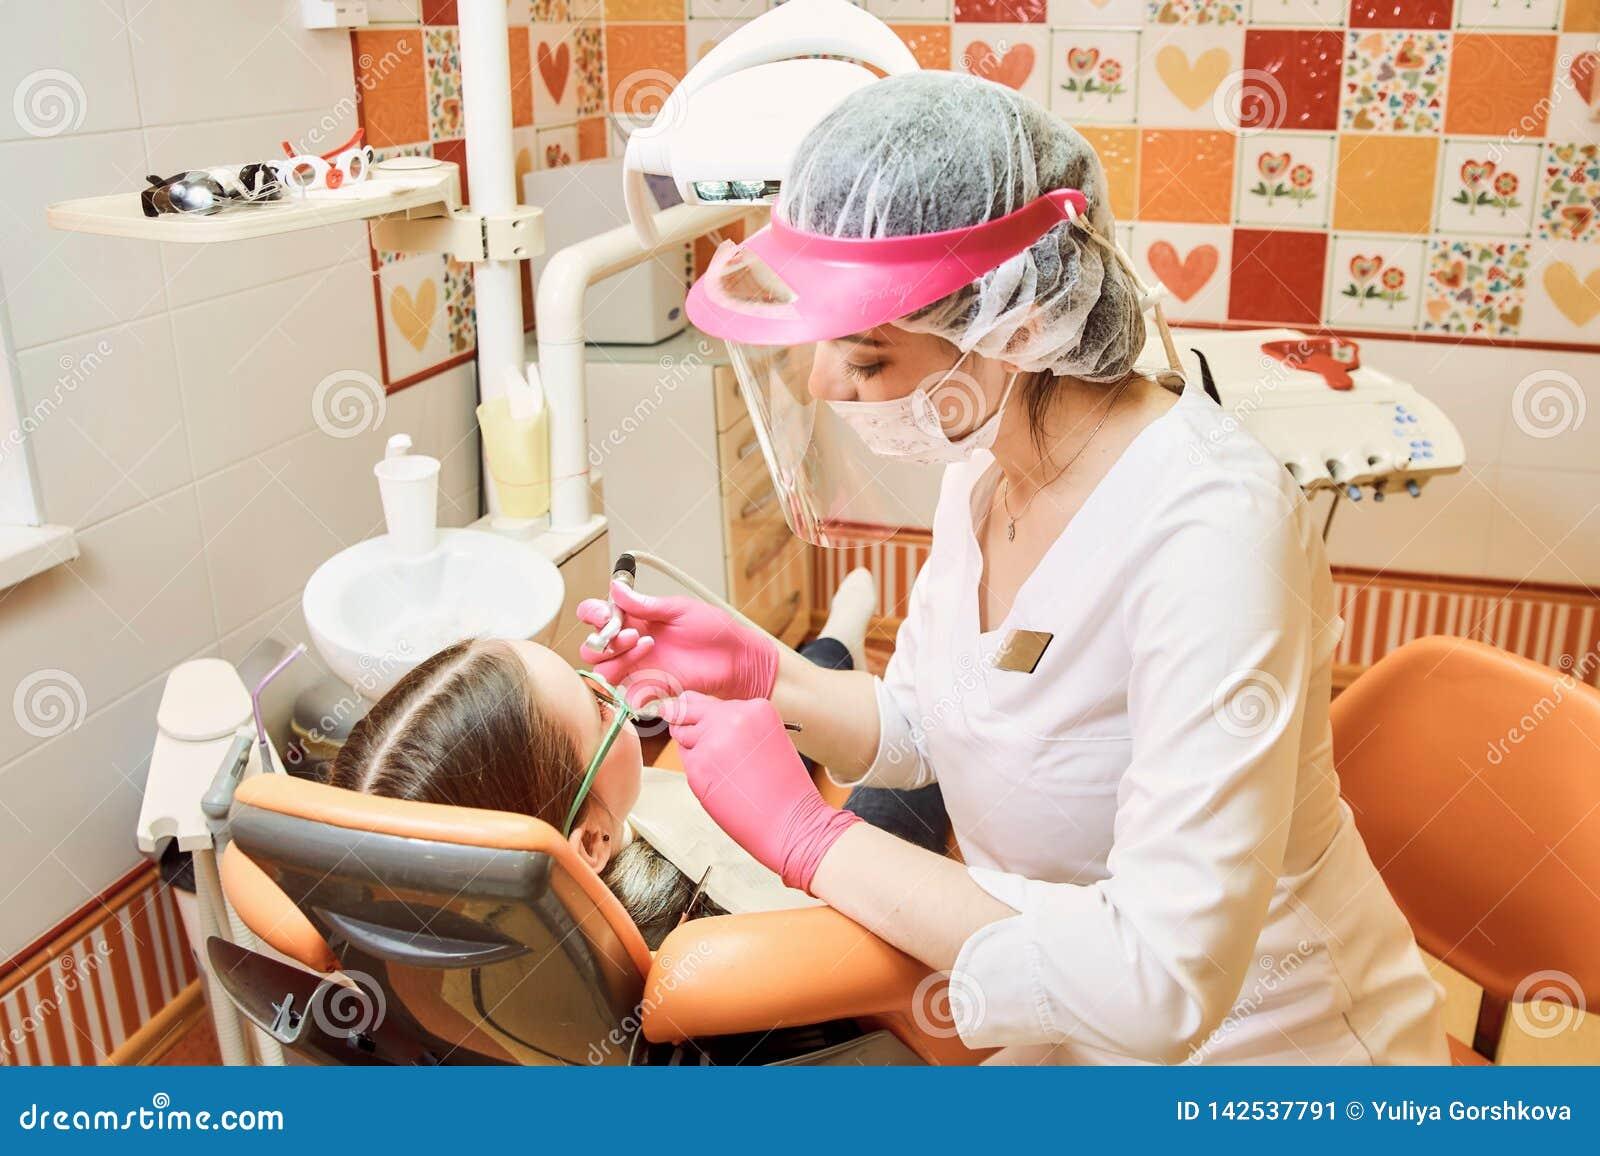 Odontoiatria pediatrica Il dentista tratta i denti della bambina